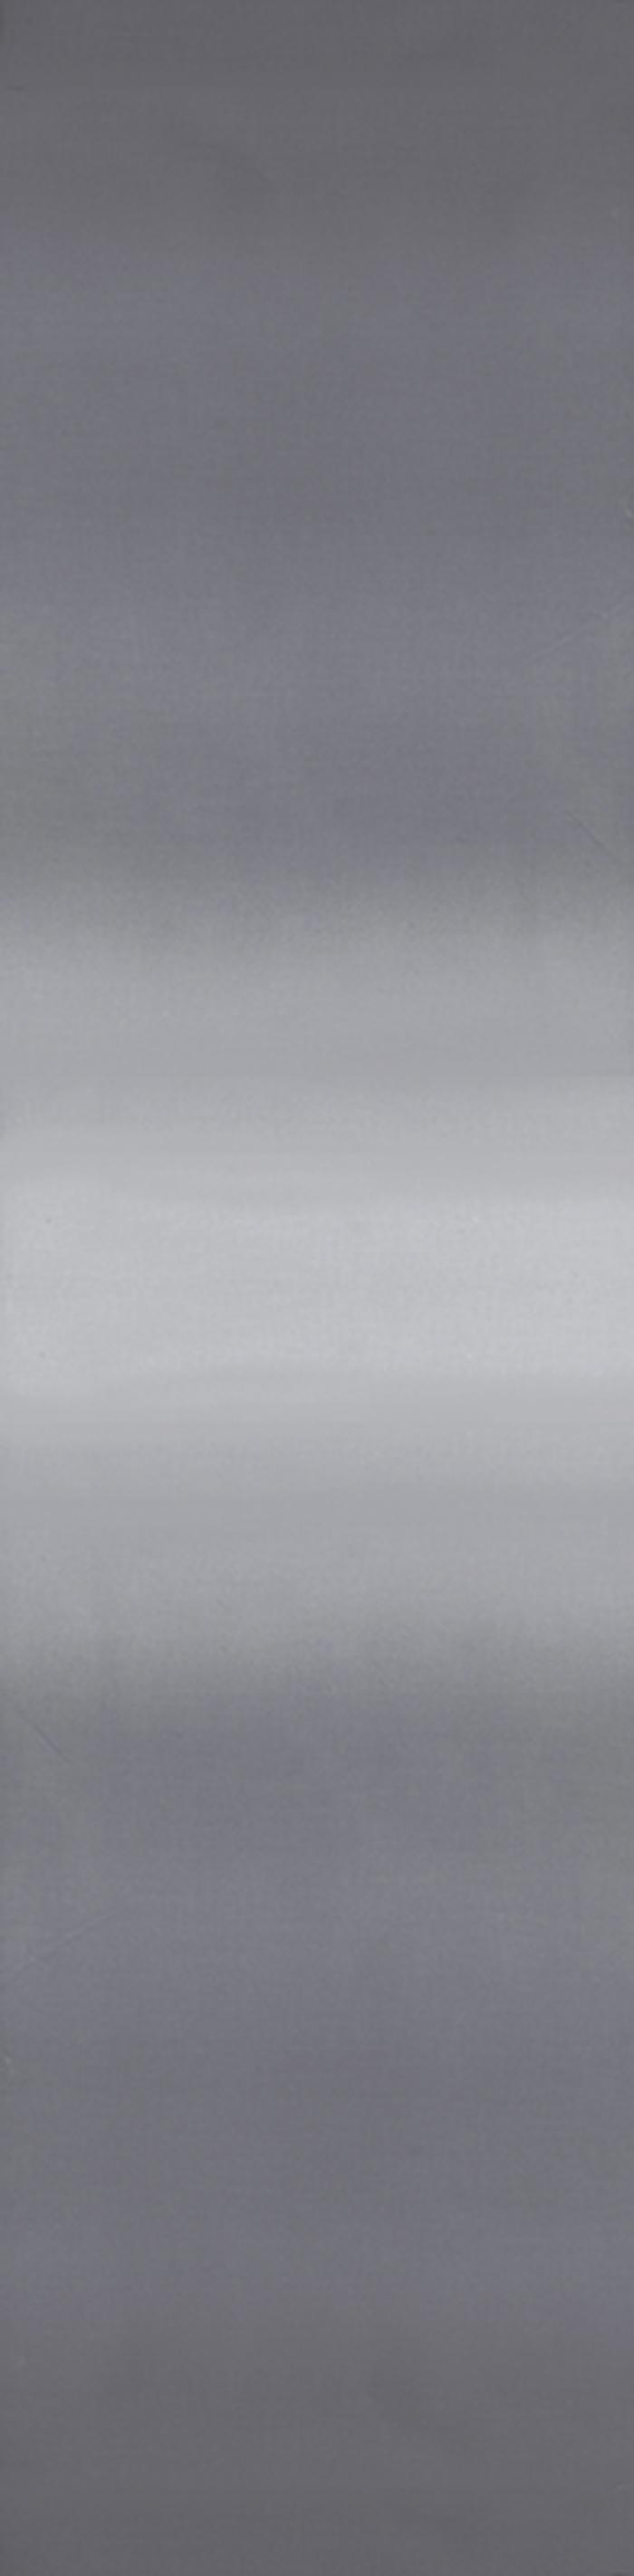 Ombre Graphite Grey